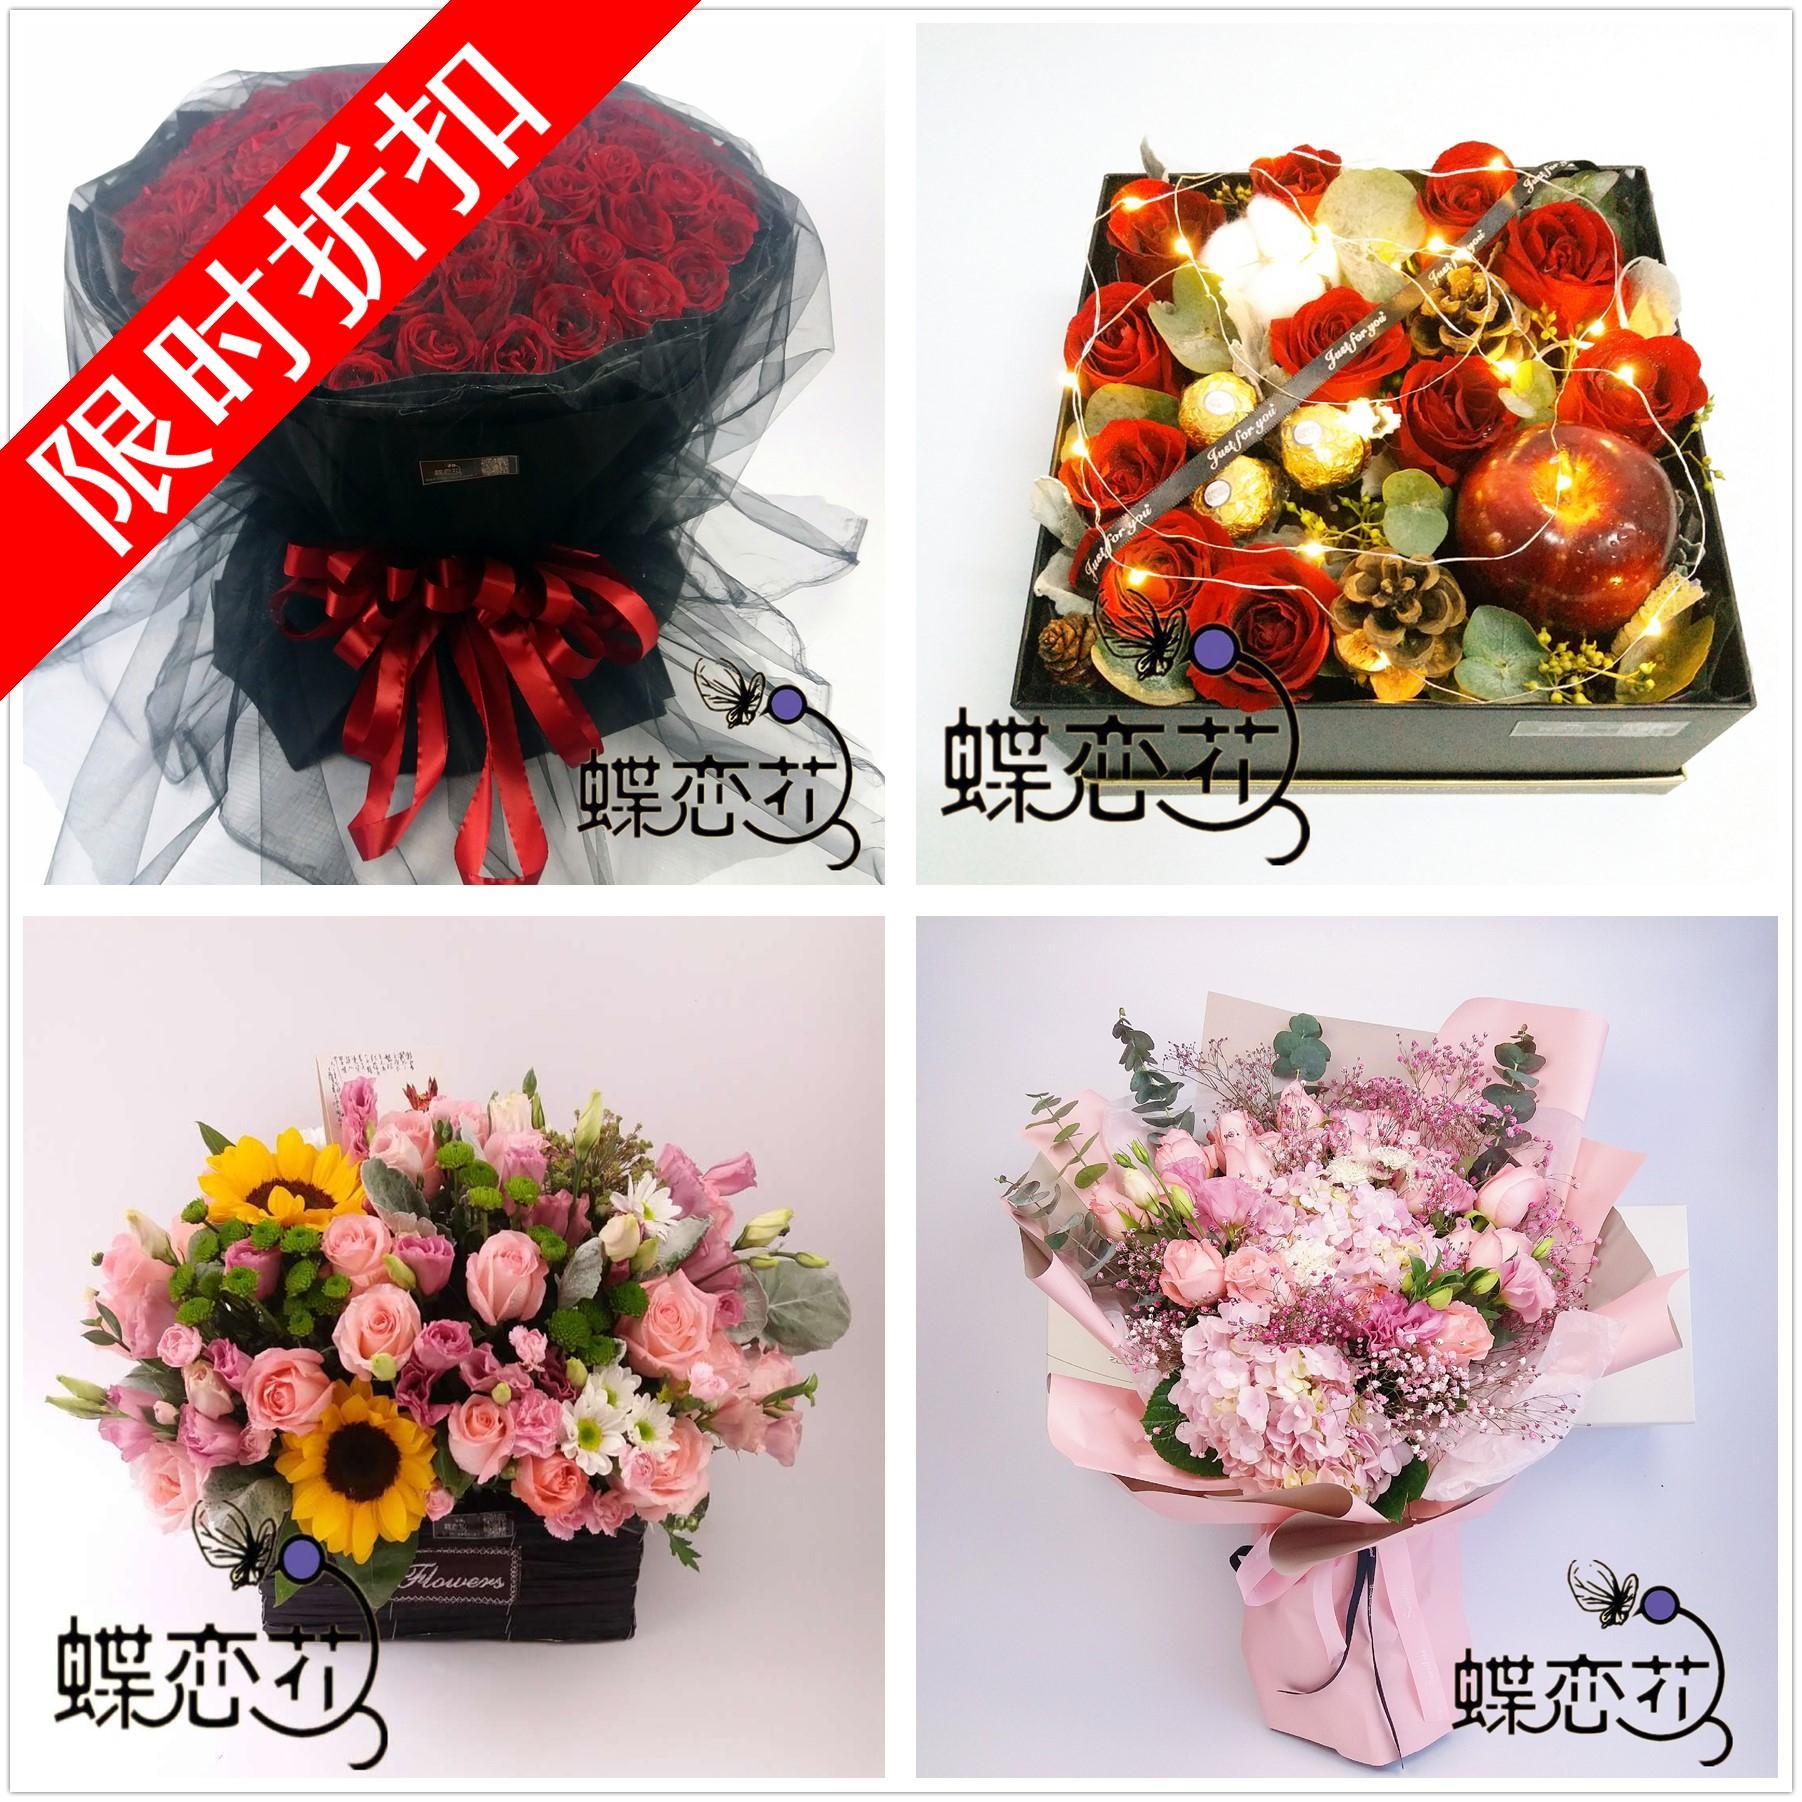 盤錦生花店の母の日の花誕生日の花をプレゼントします。